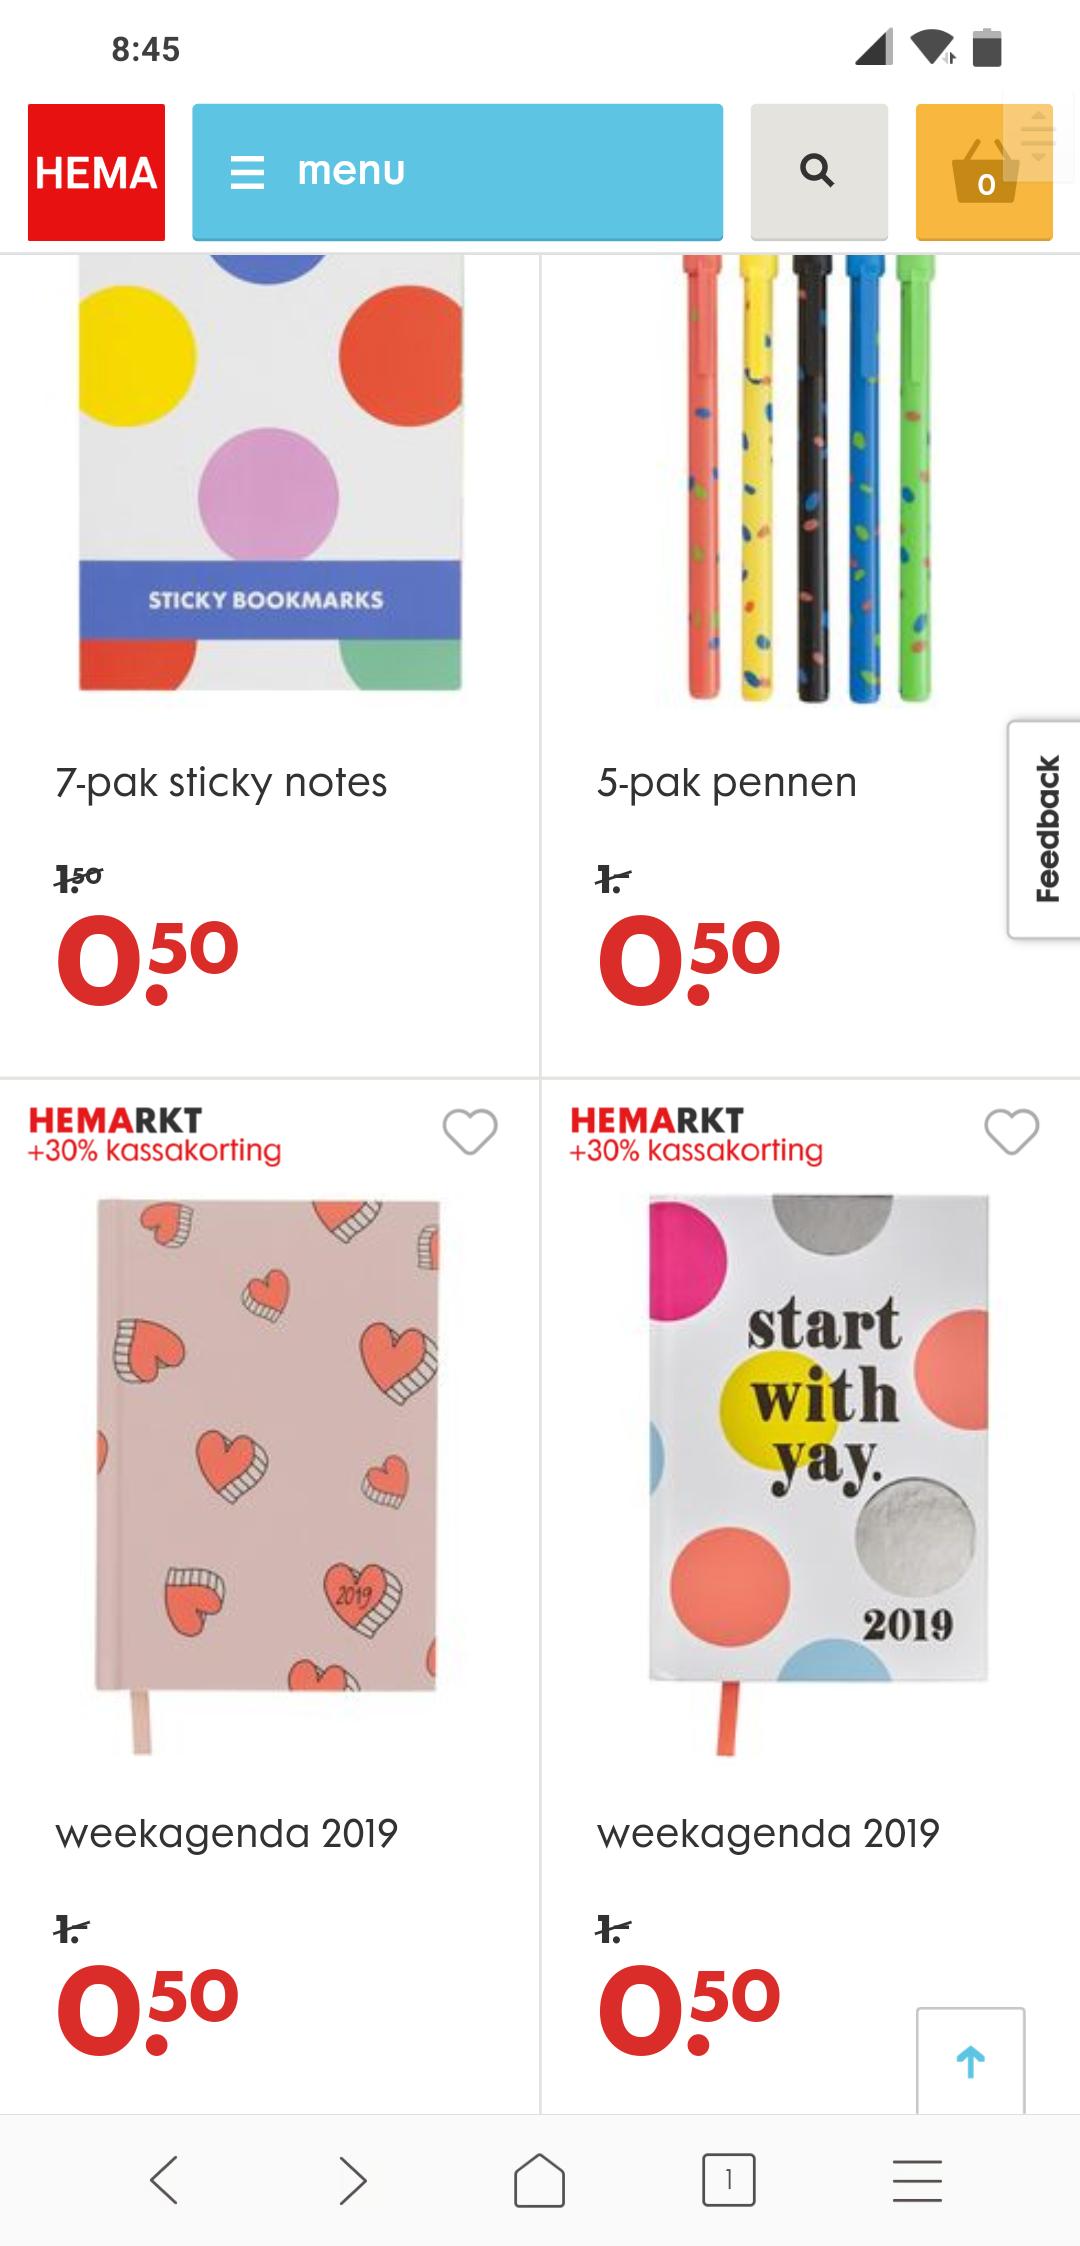 Hemarkt: verschillende artikelen 2 stuks voor 50 cent